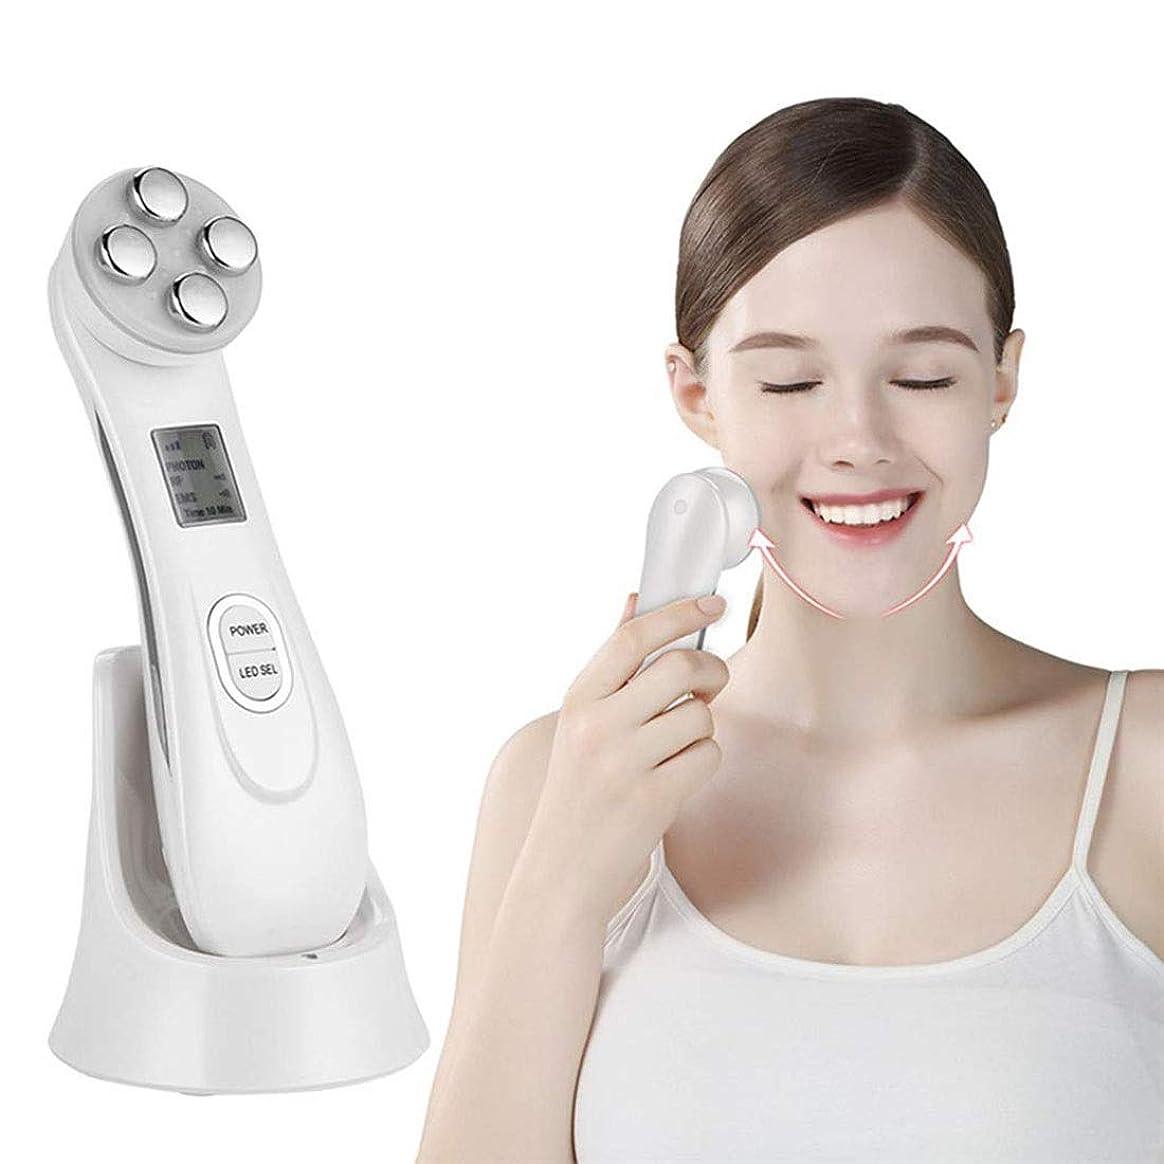 トラブル順応性のあるオアシスSkin Tightening Machine Skin Tightening Machine, 5 In 1 Face Massager Facial Remover Wrinkle Skin Care Beauty Machine Anti-aging